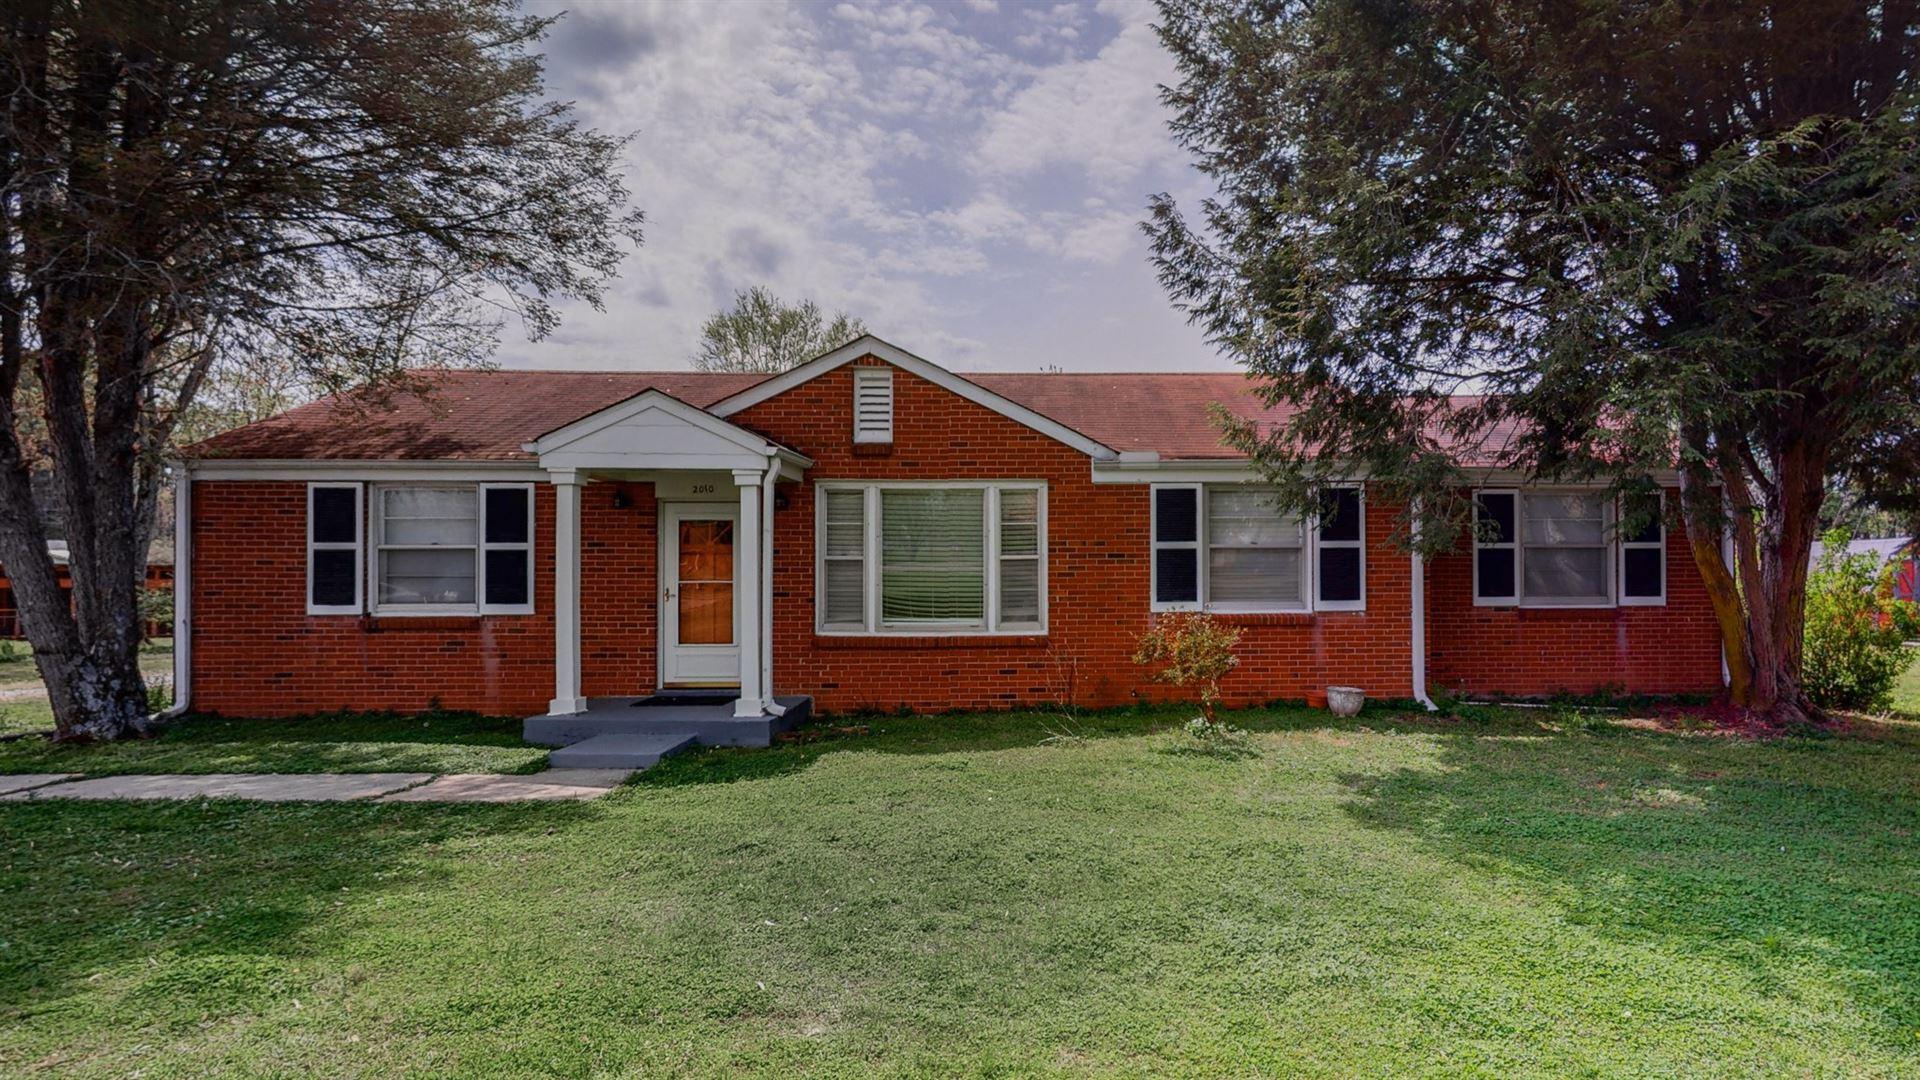 2010 Bradyville Pike, Murfreesboro, TN 37130 - MLS#: 2245021